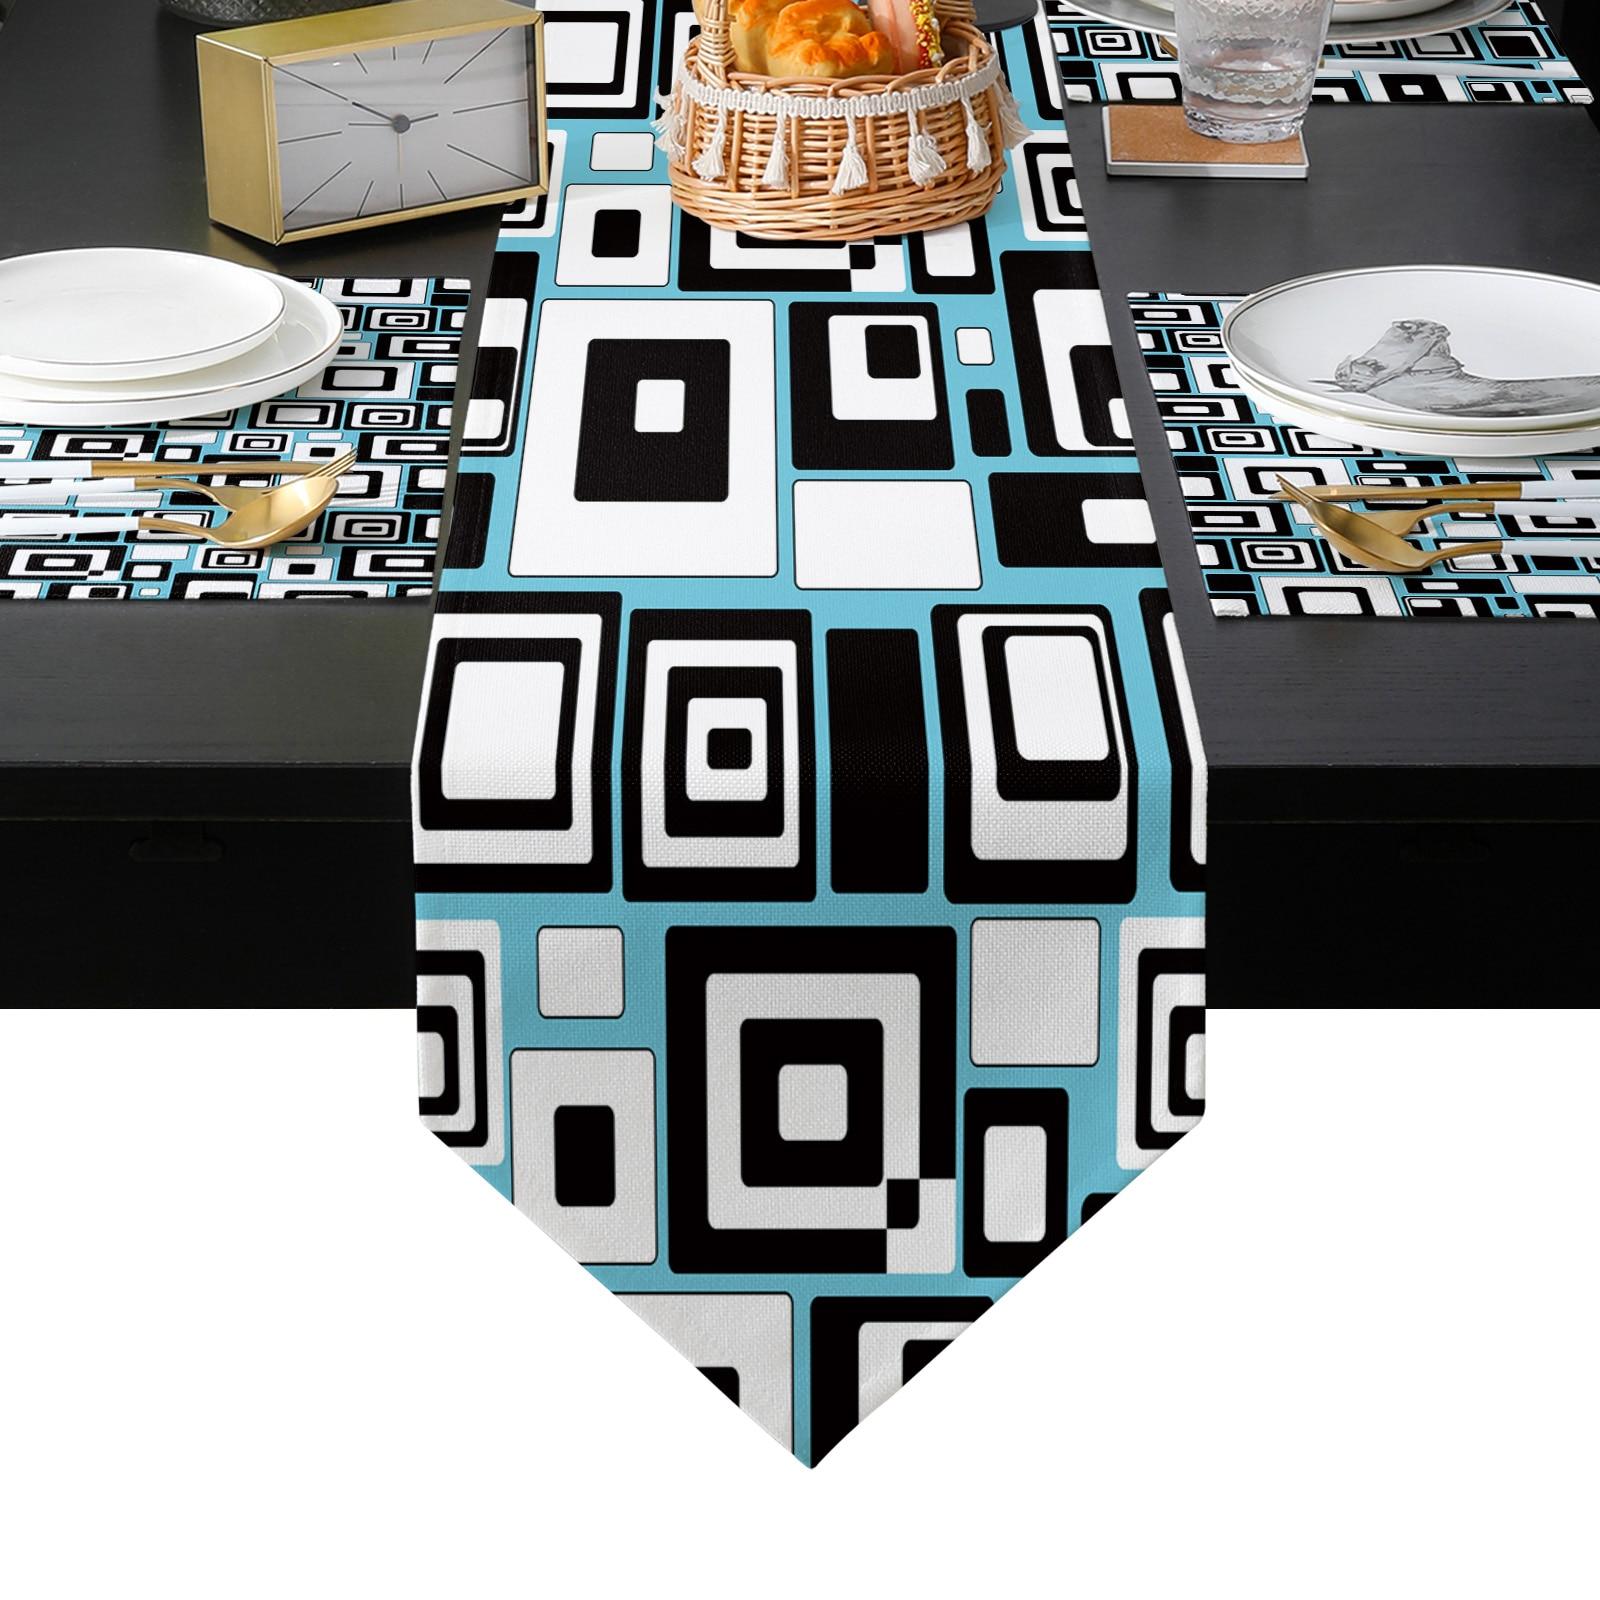 هندسية مستطيل الربط الجدول عداء المفارش مجموعة للمنزل المطبخ طاولة طعام حفل زفاف عطلة عشاء الديكور